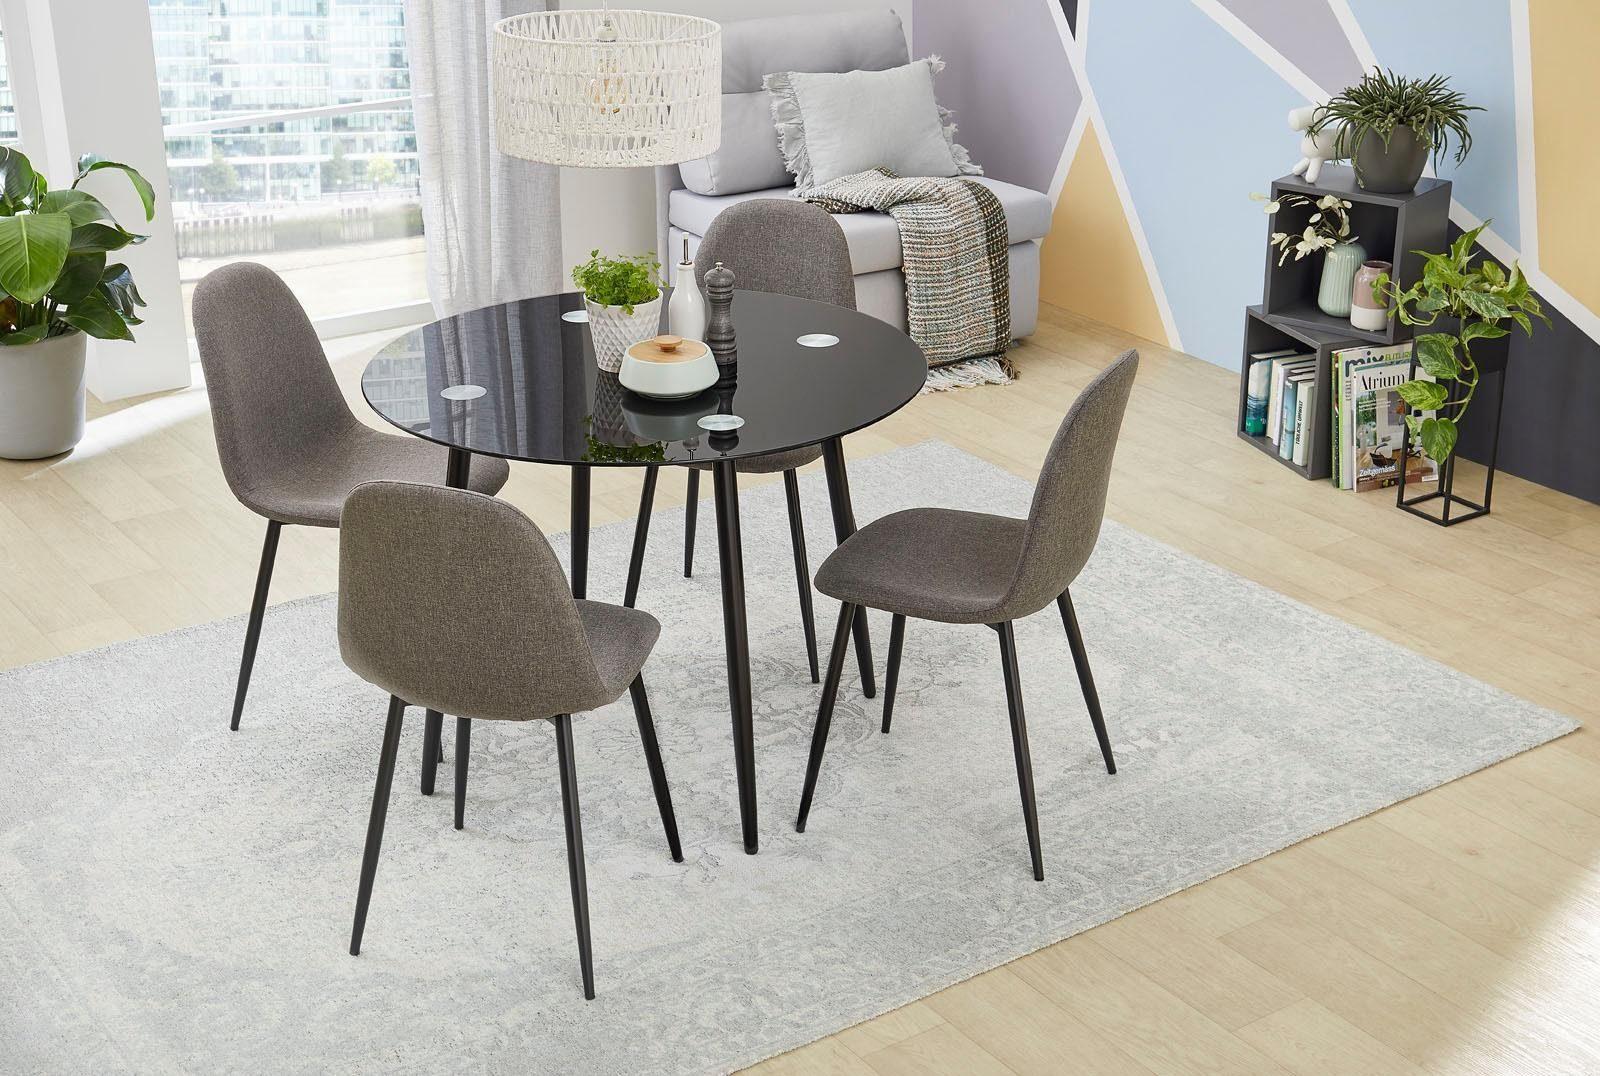 Jockenhöfer Gruppe Esstisch, ø 100cm schwarz Esstisch Esstische rund oval Tische